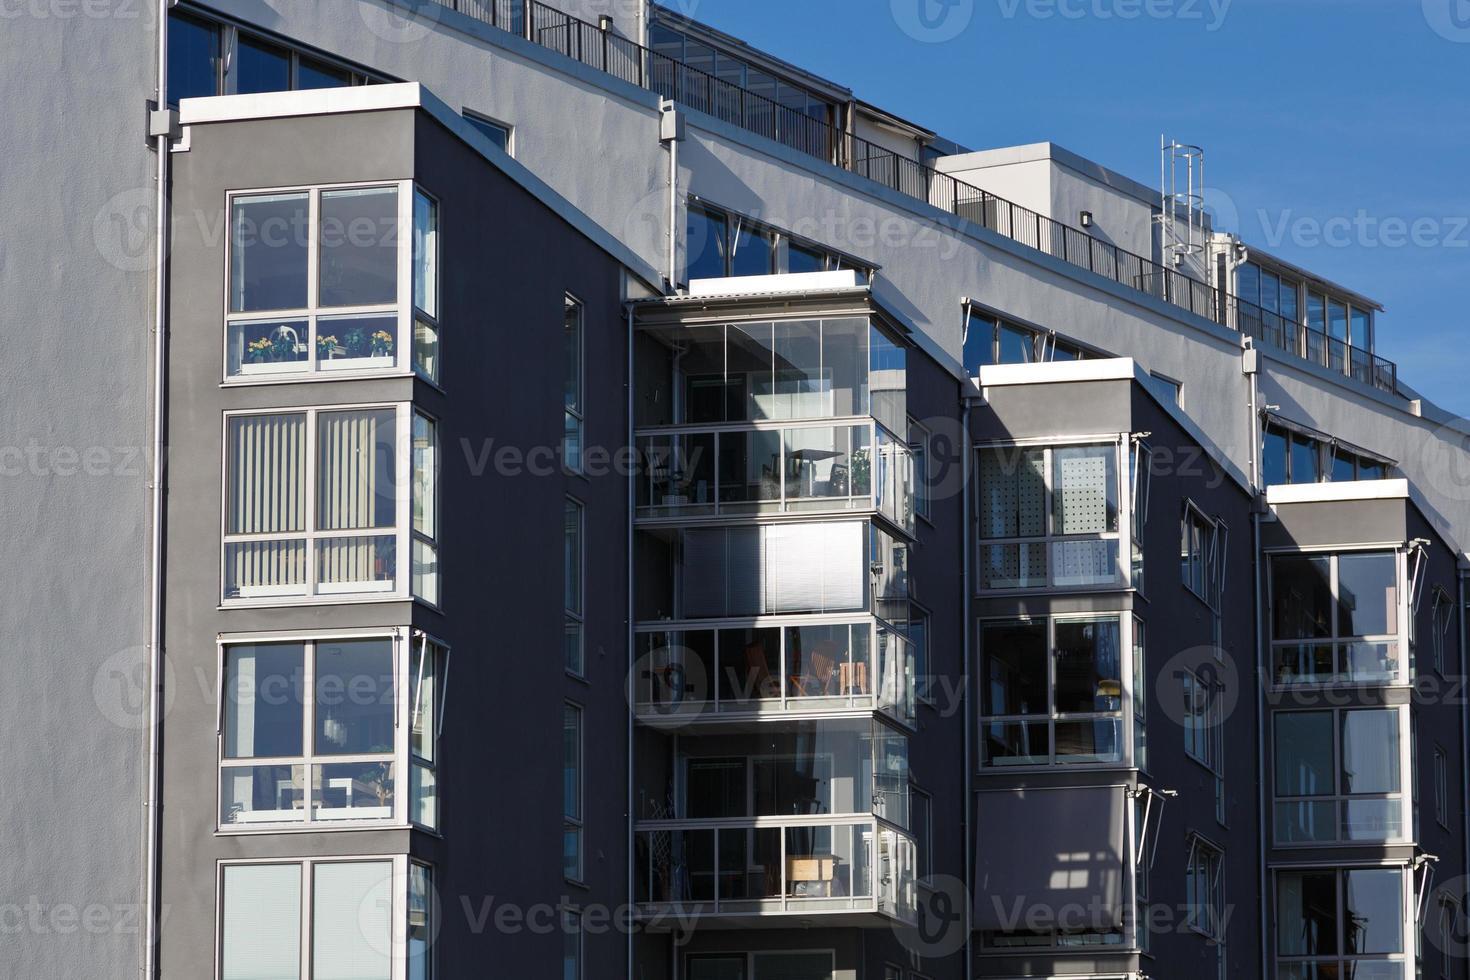 apartamento moderno na cidade vasteras, suécia. foto